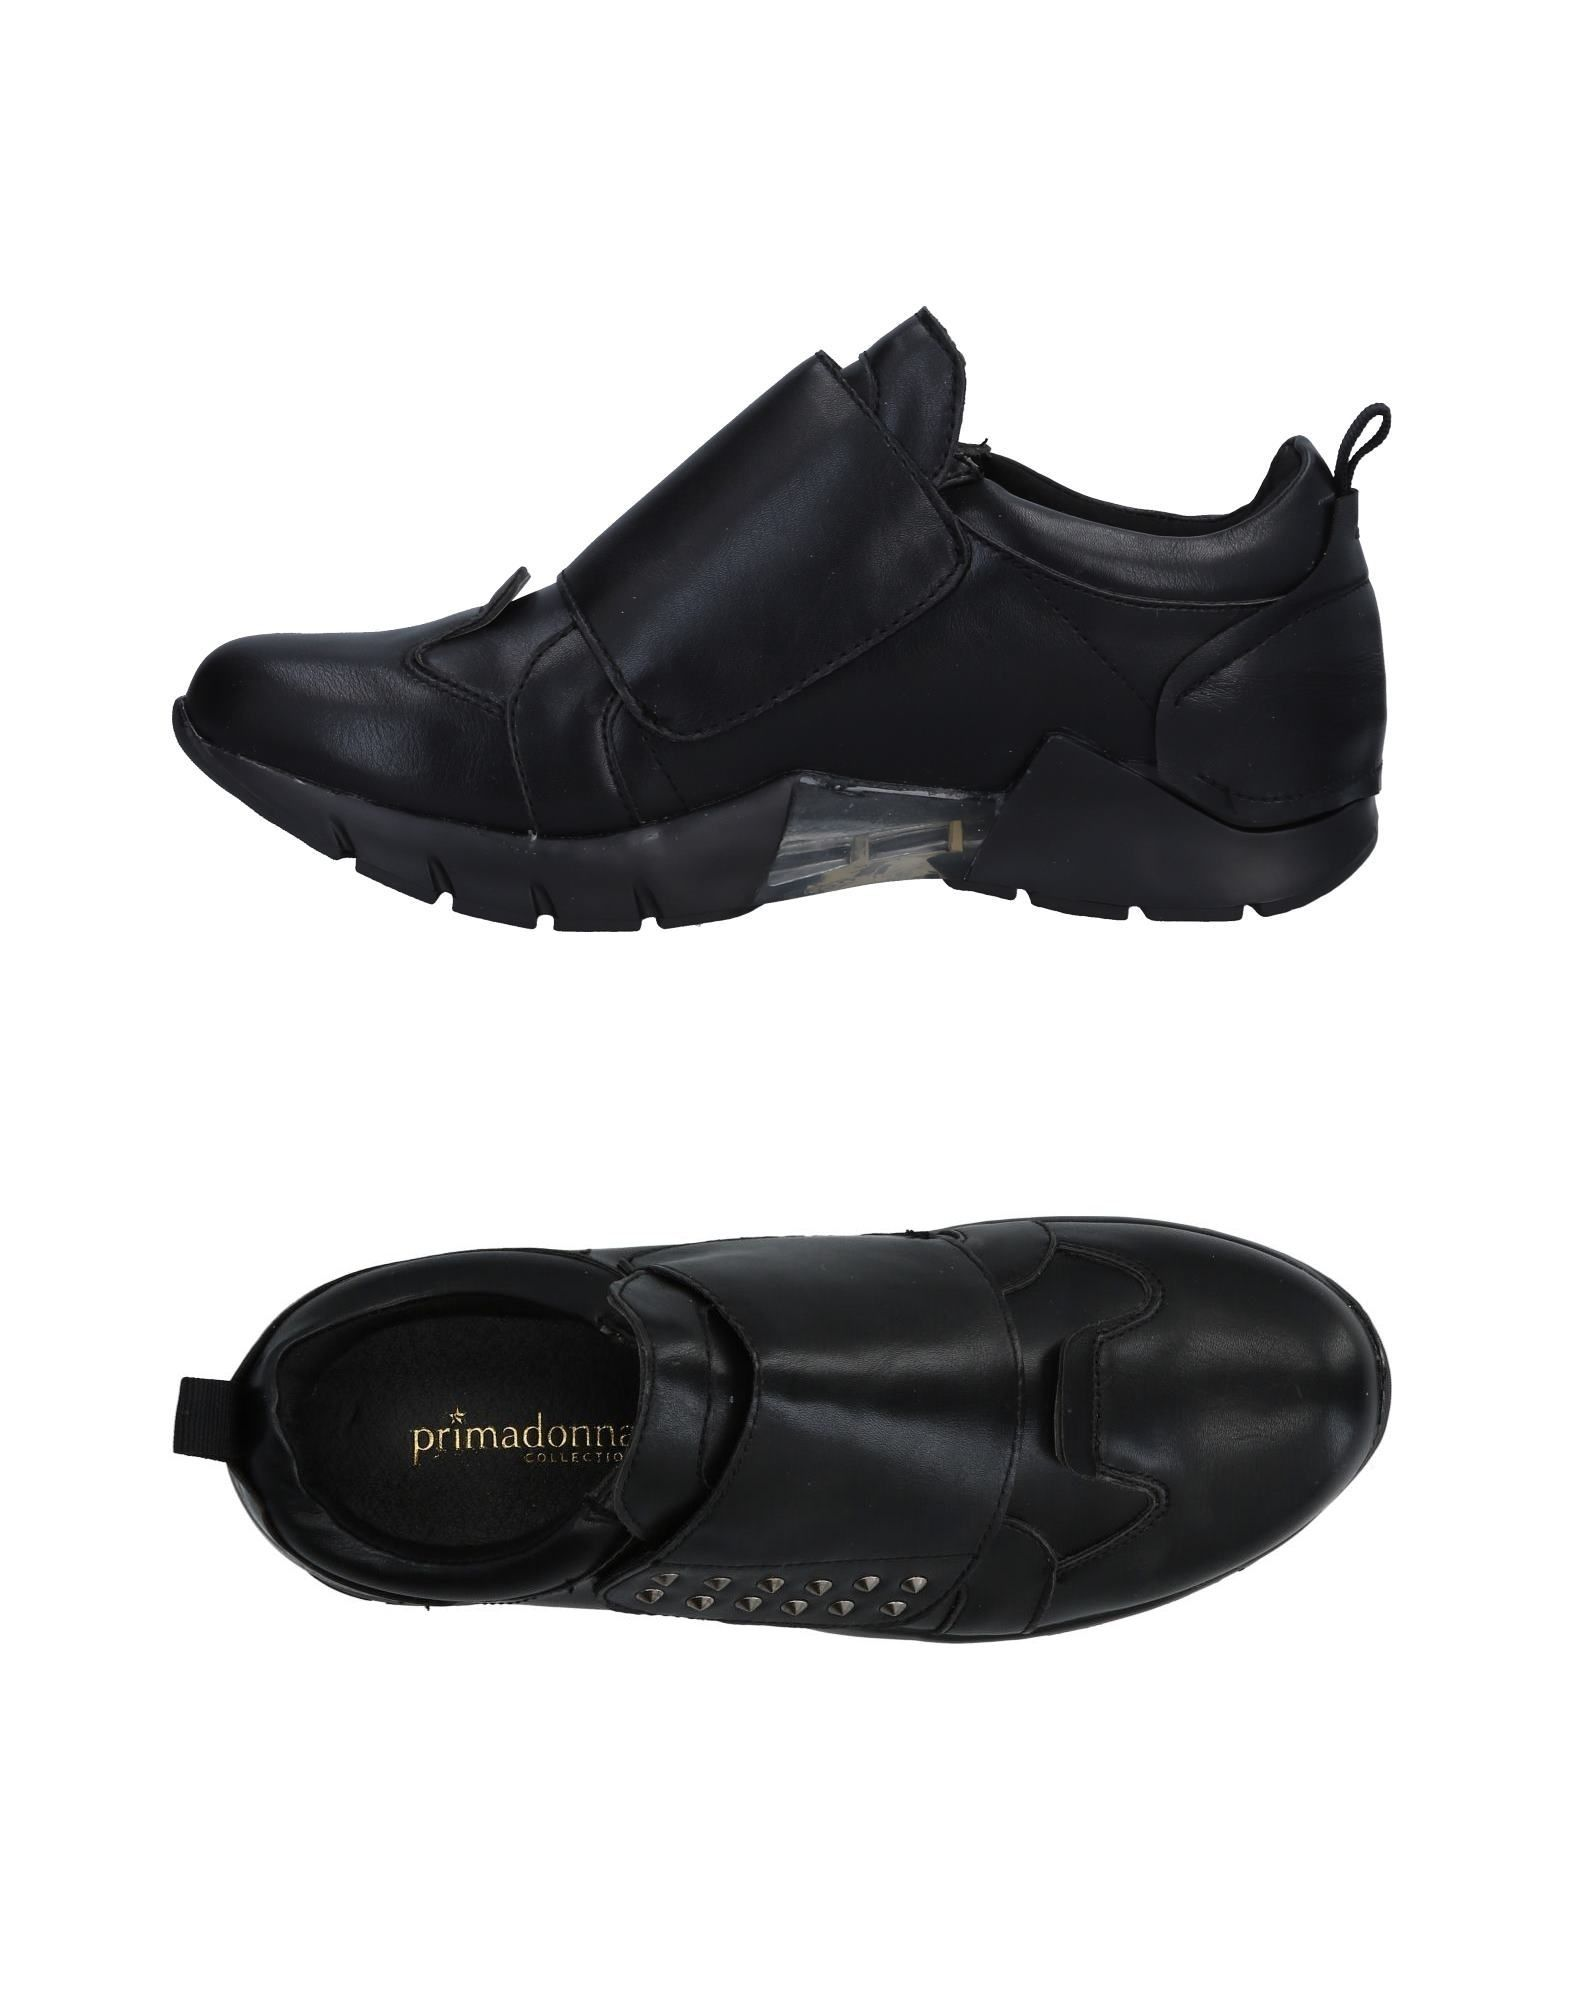 Baskets Primadonna Femme - Baskets Primadonna Noir Dernières chaussures discount pour hommes et femmes